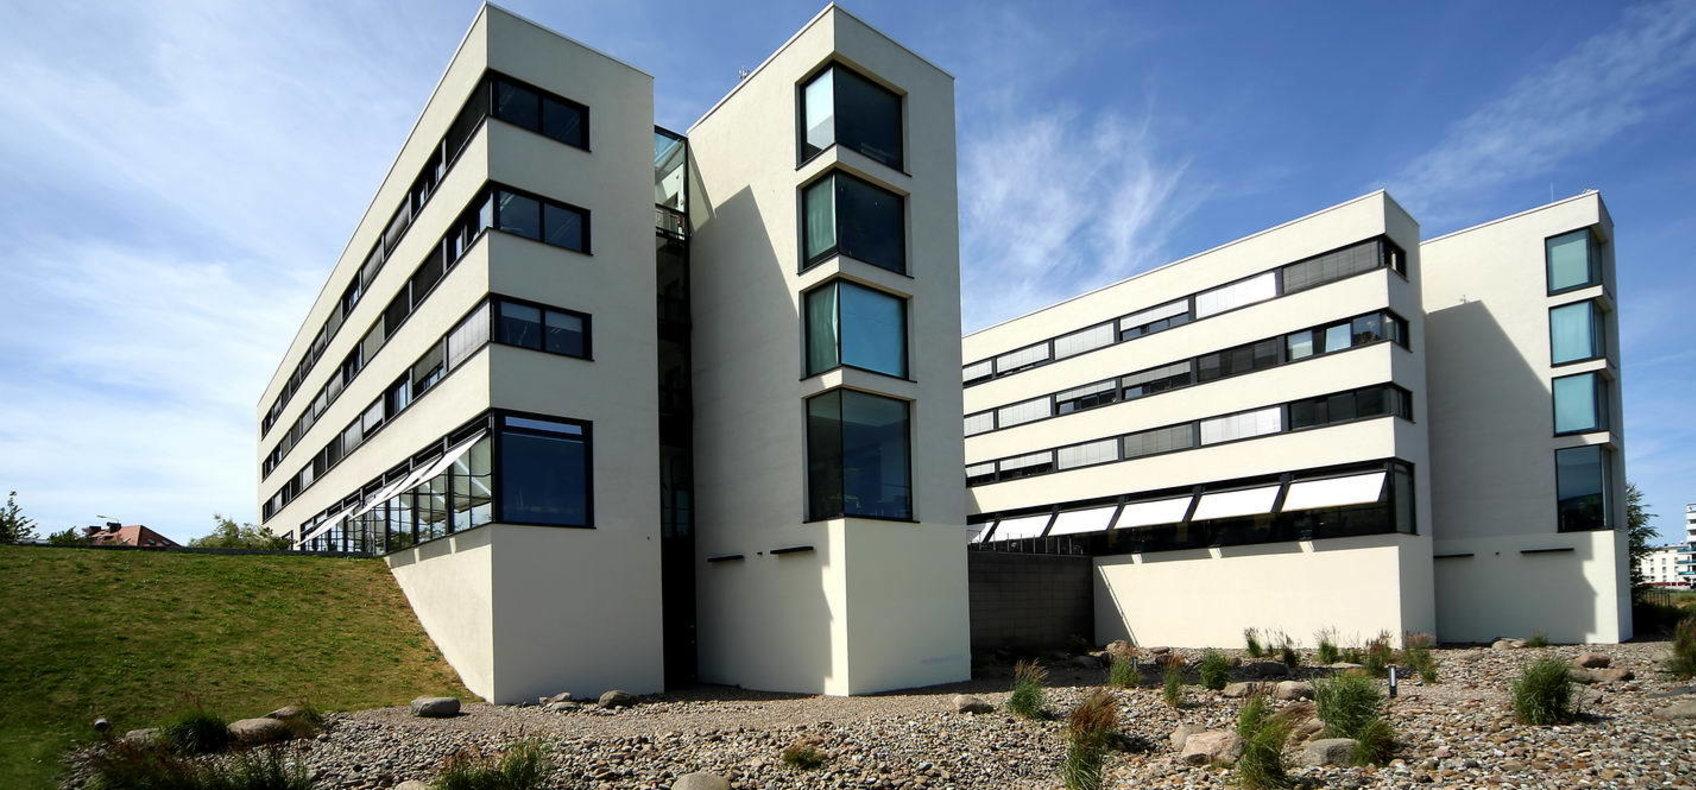 Max Planck Institut Für Bildungsforschung Berlin